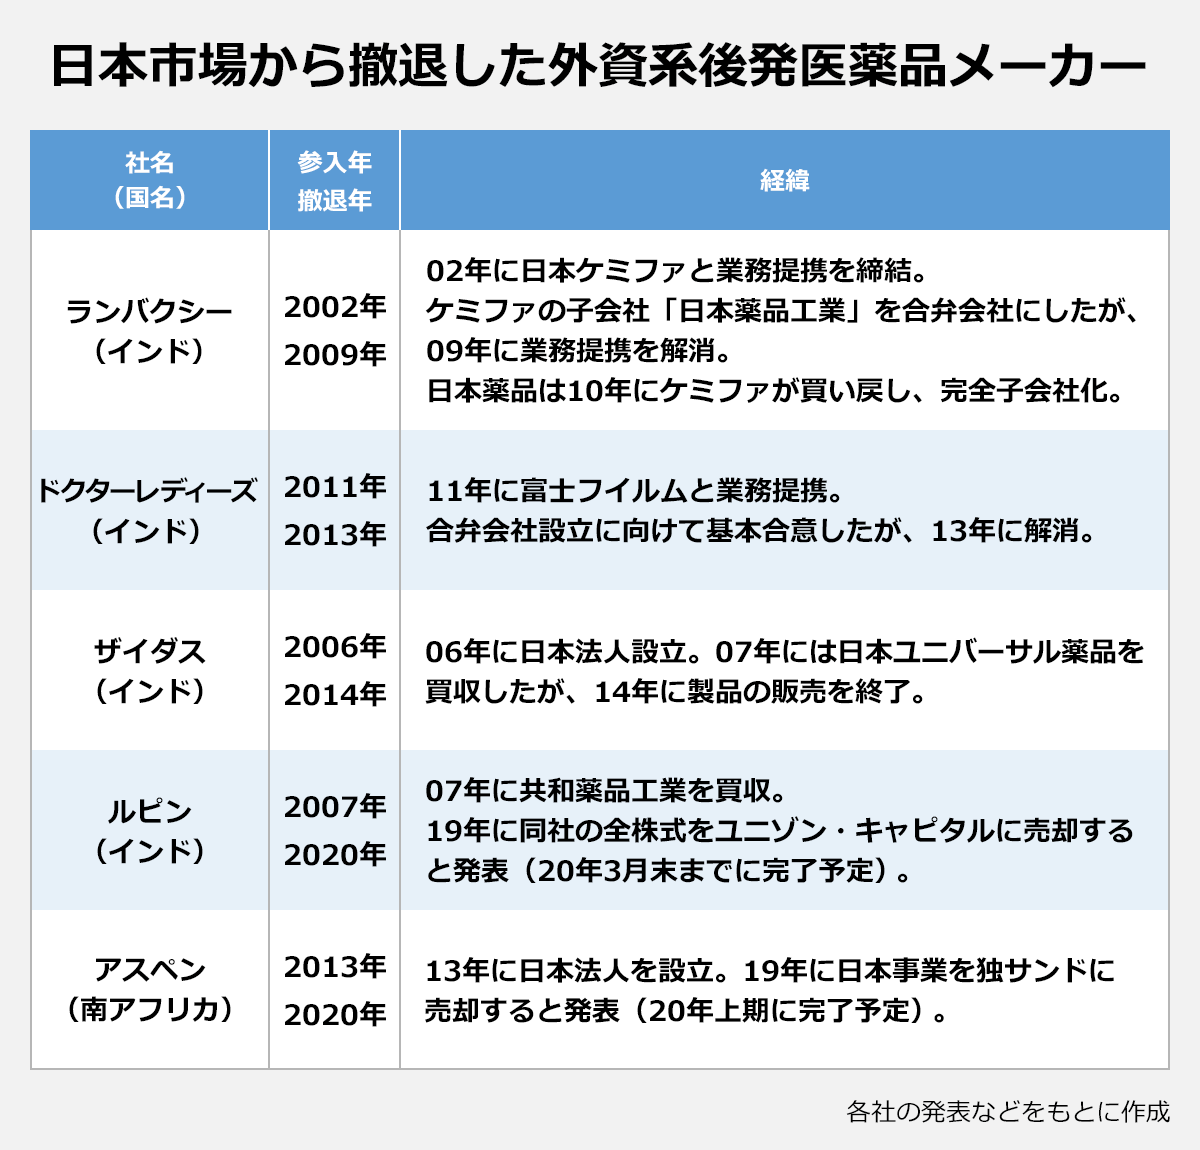 【日本市場から撤退した外資系後発医薬品メーカー】(社名(国名)/参入年・撤退年/経緯):ランバクシー(インド)/2002年・2009年/02年に日本ケミファと業務提携を締結。ケミファの子会社「日本薬品工業」を合弁会社にしたが、09年に業務提携を解消。日本薬品は10年にケミファが買い戻し、完全子会社化。 ドクターレディーズ(インド)/2011年・2013年/11年に富士フイルムと業務提携。合弁会社設立に向けて基本合意したが、13年に解消。 ザイダス(インド)/2006年・2014年/06年に日本法人設立。07年には日本ユニバーサル薬品を買収したが、14年に製品の販売を終了。 ルピン(インド)/2007年・2020年/07年に共和薬品工業を買収。19年に同社の全株式をユニゾン・キャピタルに売却すると発表(20年3月末までに完了予定)。 アスペン(南アフリカ)/2013年・2020年/13年に日本法人を設立。2019年に日本事業を独サンドに売却すると発表(20年上期に完了予定)。※各社の発表などをもとに作成